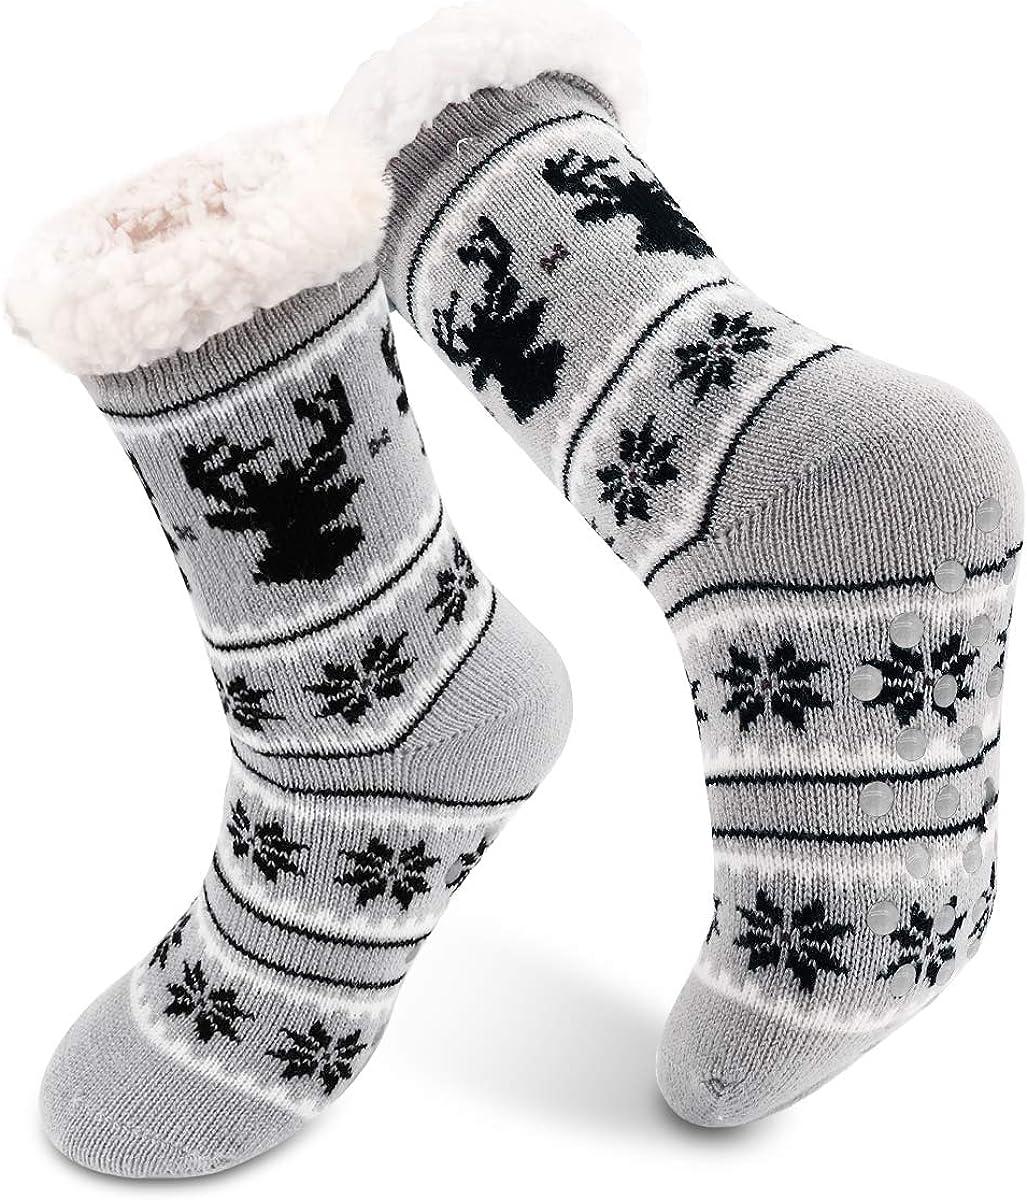 Slipper Socks, Super Soft Warm Cozy Fleece Lined Socks Non Skid Fuzzy Socks  for Women Girls Men Christmas (Grey) at Amazon Women's Clothing store